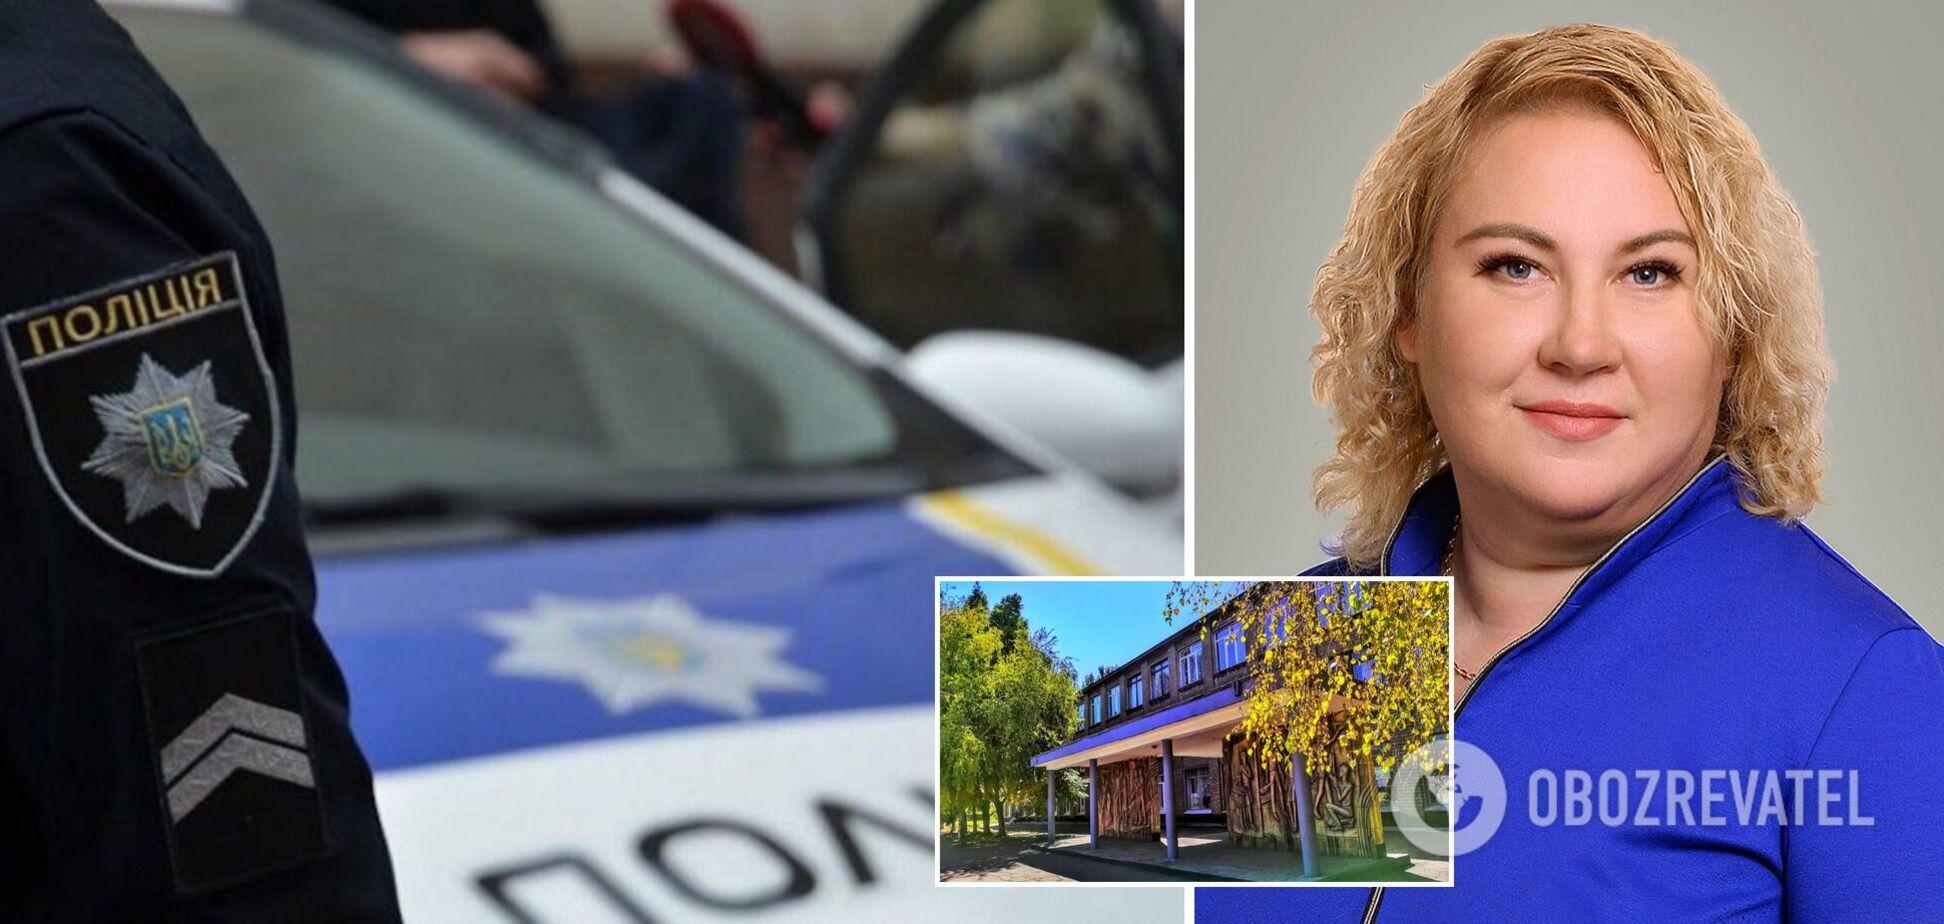 У Запоріжжі п'яна директорка школи влаштувала скандал з поліцією: звинуватила у спробі згвалтувати. Відео